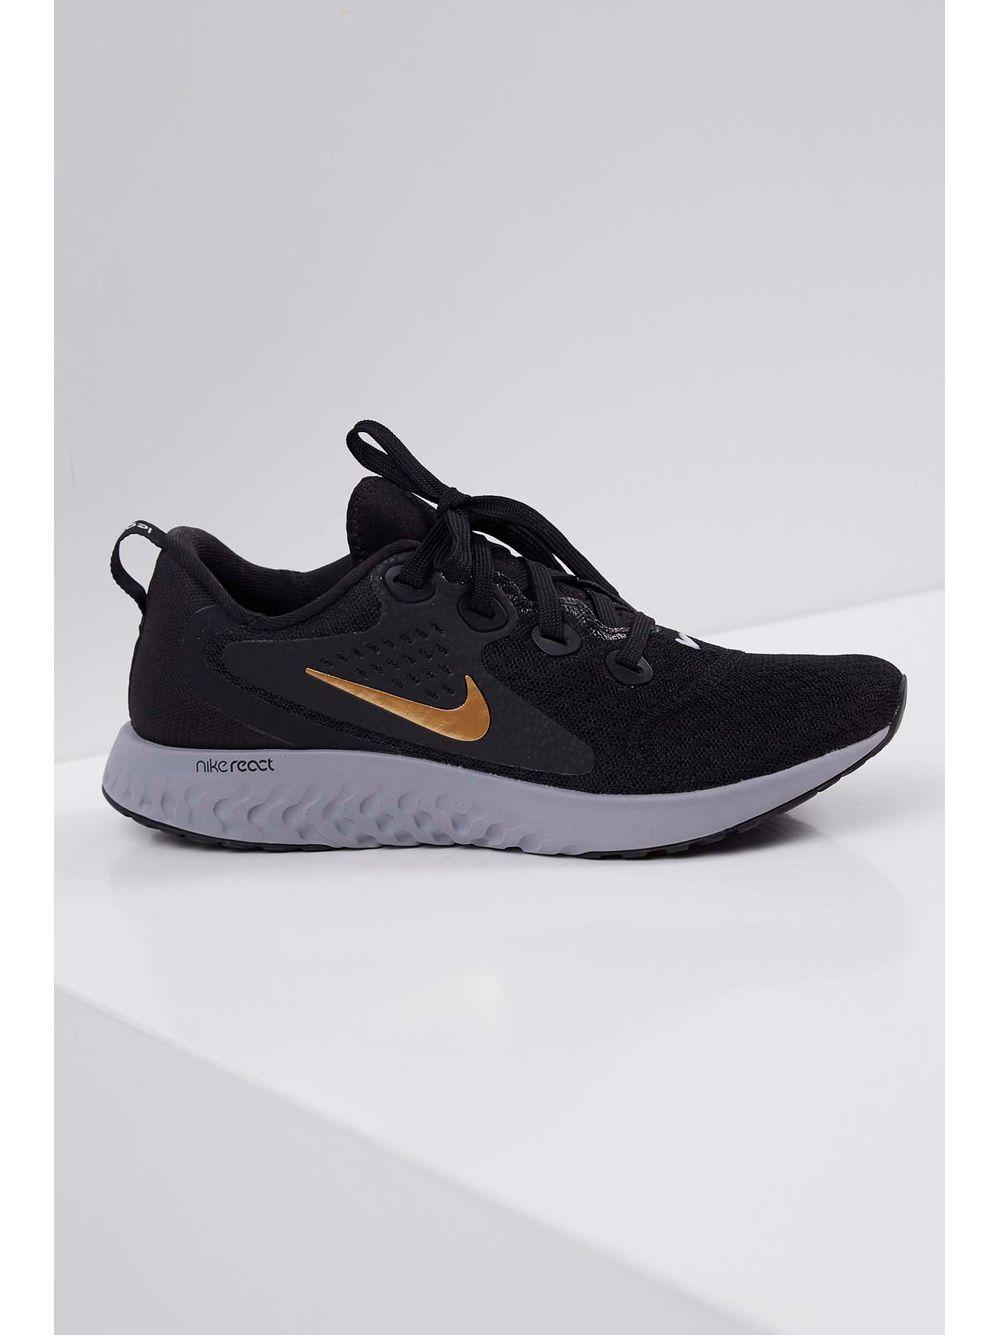 Tênis Nike Rebel React Feminino Preto - pittol 2821bcd9560c2